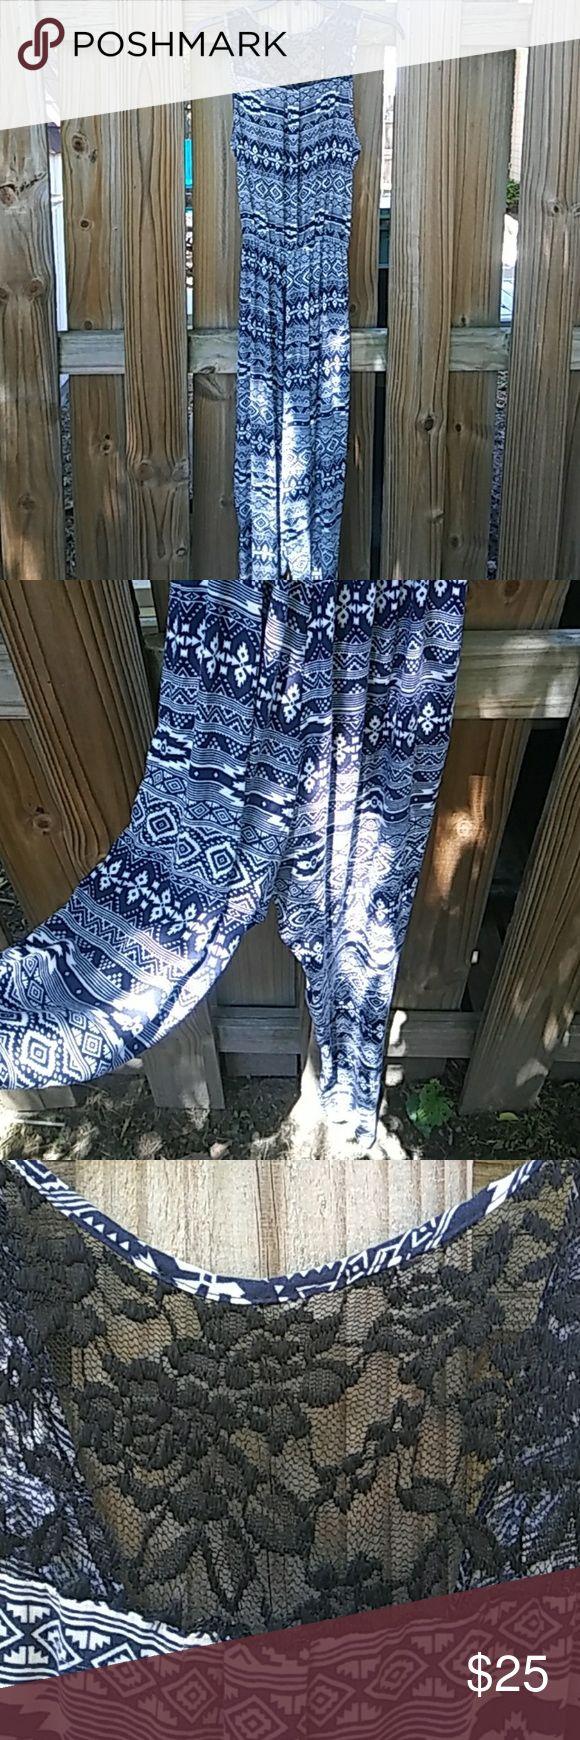 Aztec print jumpsuit Navy blue and white Aztec print pants jumpsuit. Zipper back laxe detail neck Dresses